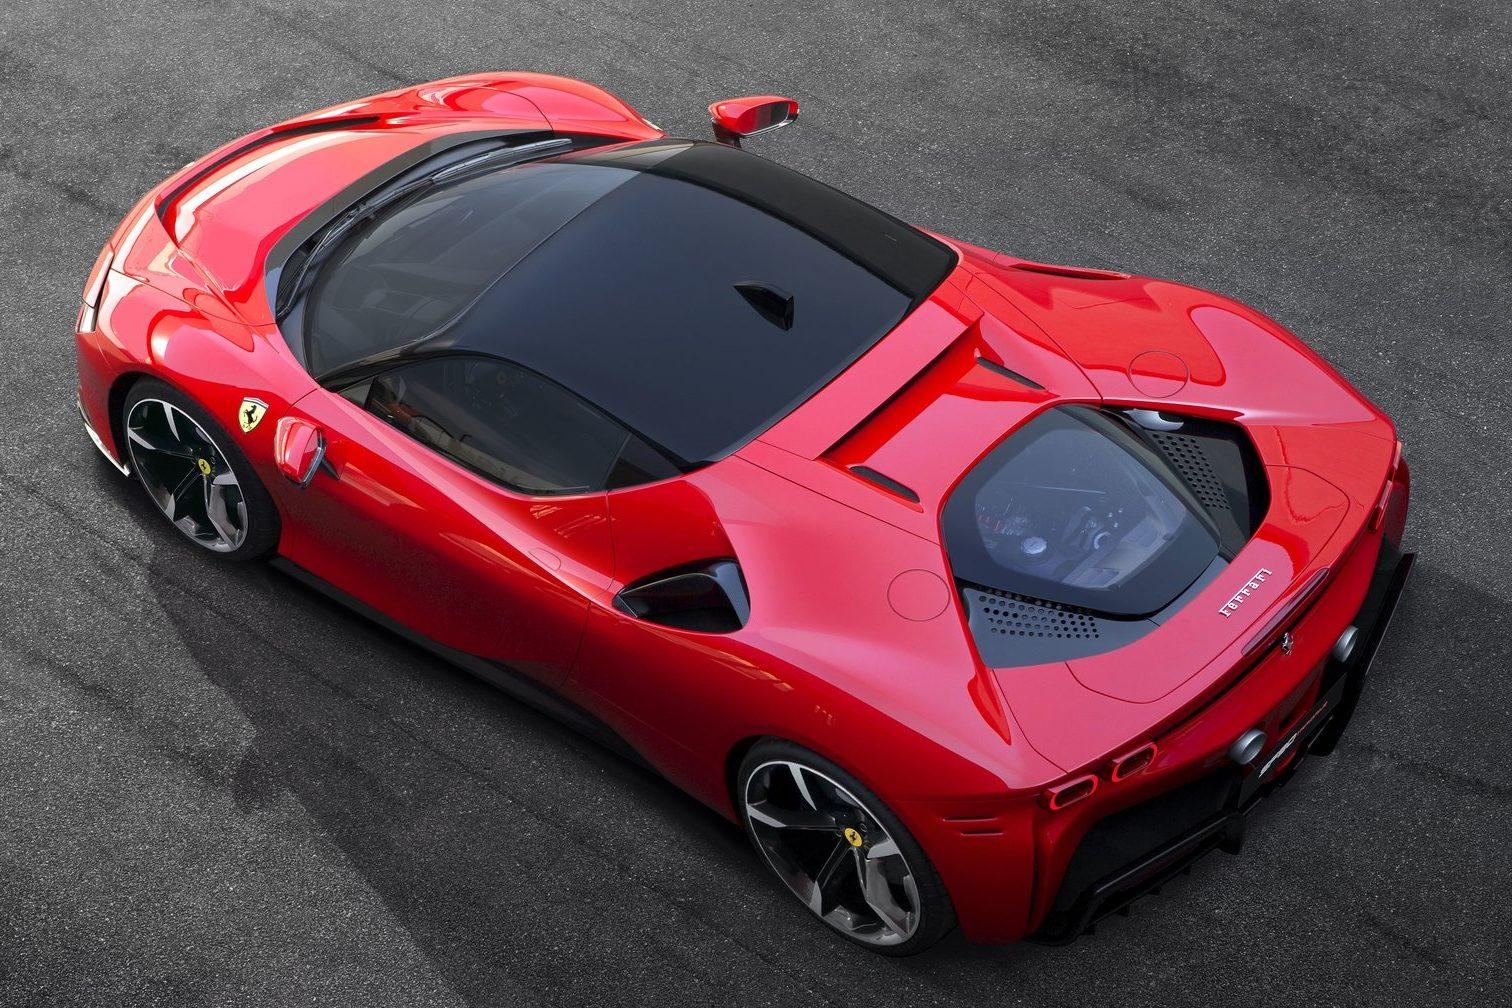 O motor V8 turbo é o mais potente já usado por uma Ferrari